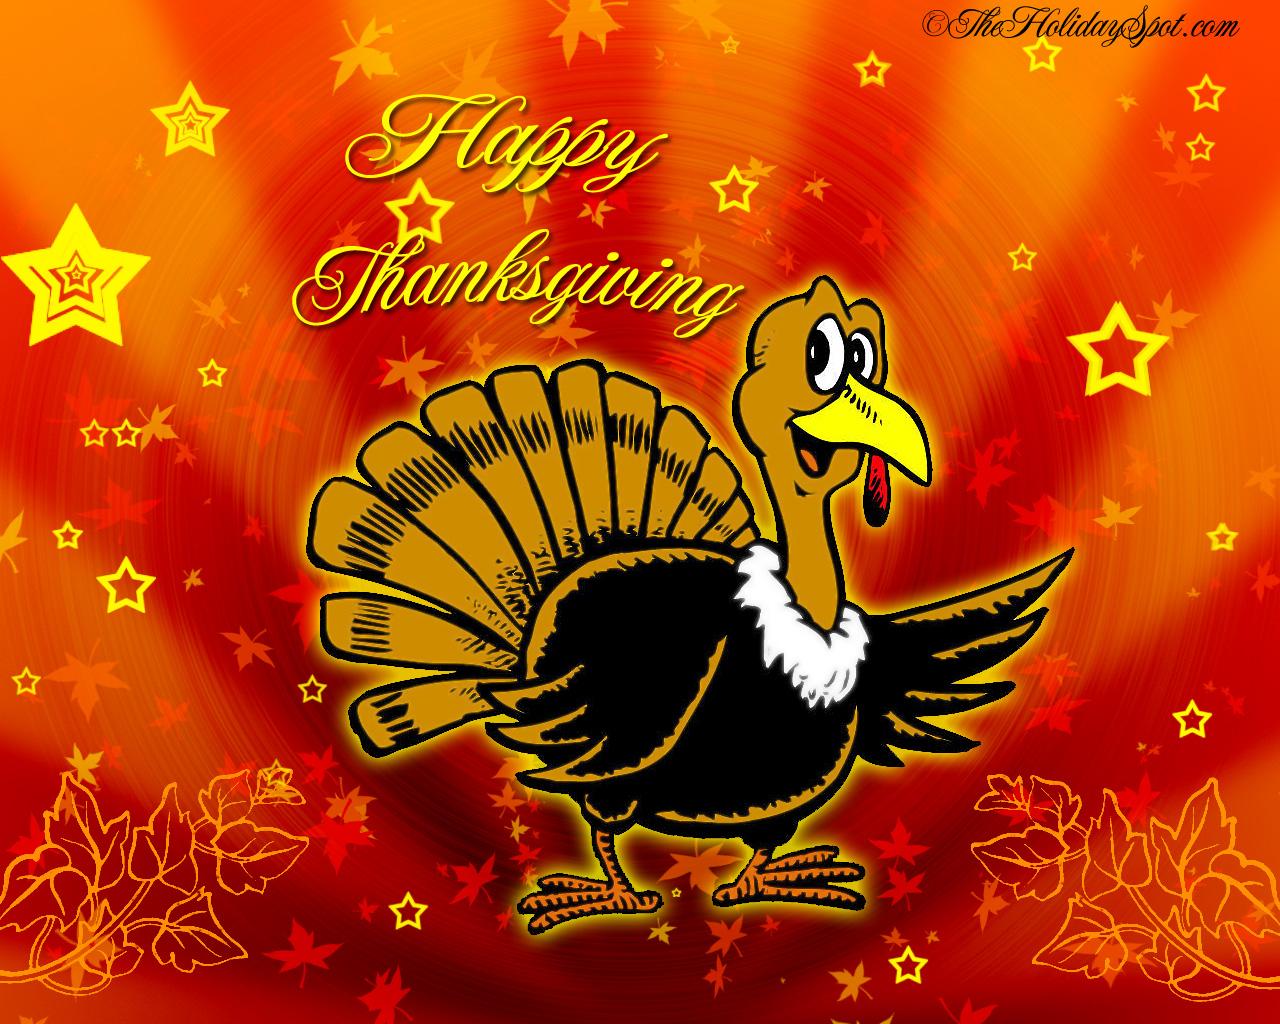 Открытки день благодарения английском, праздник воздвижения